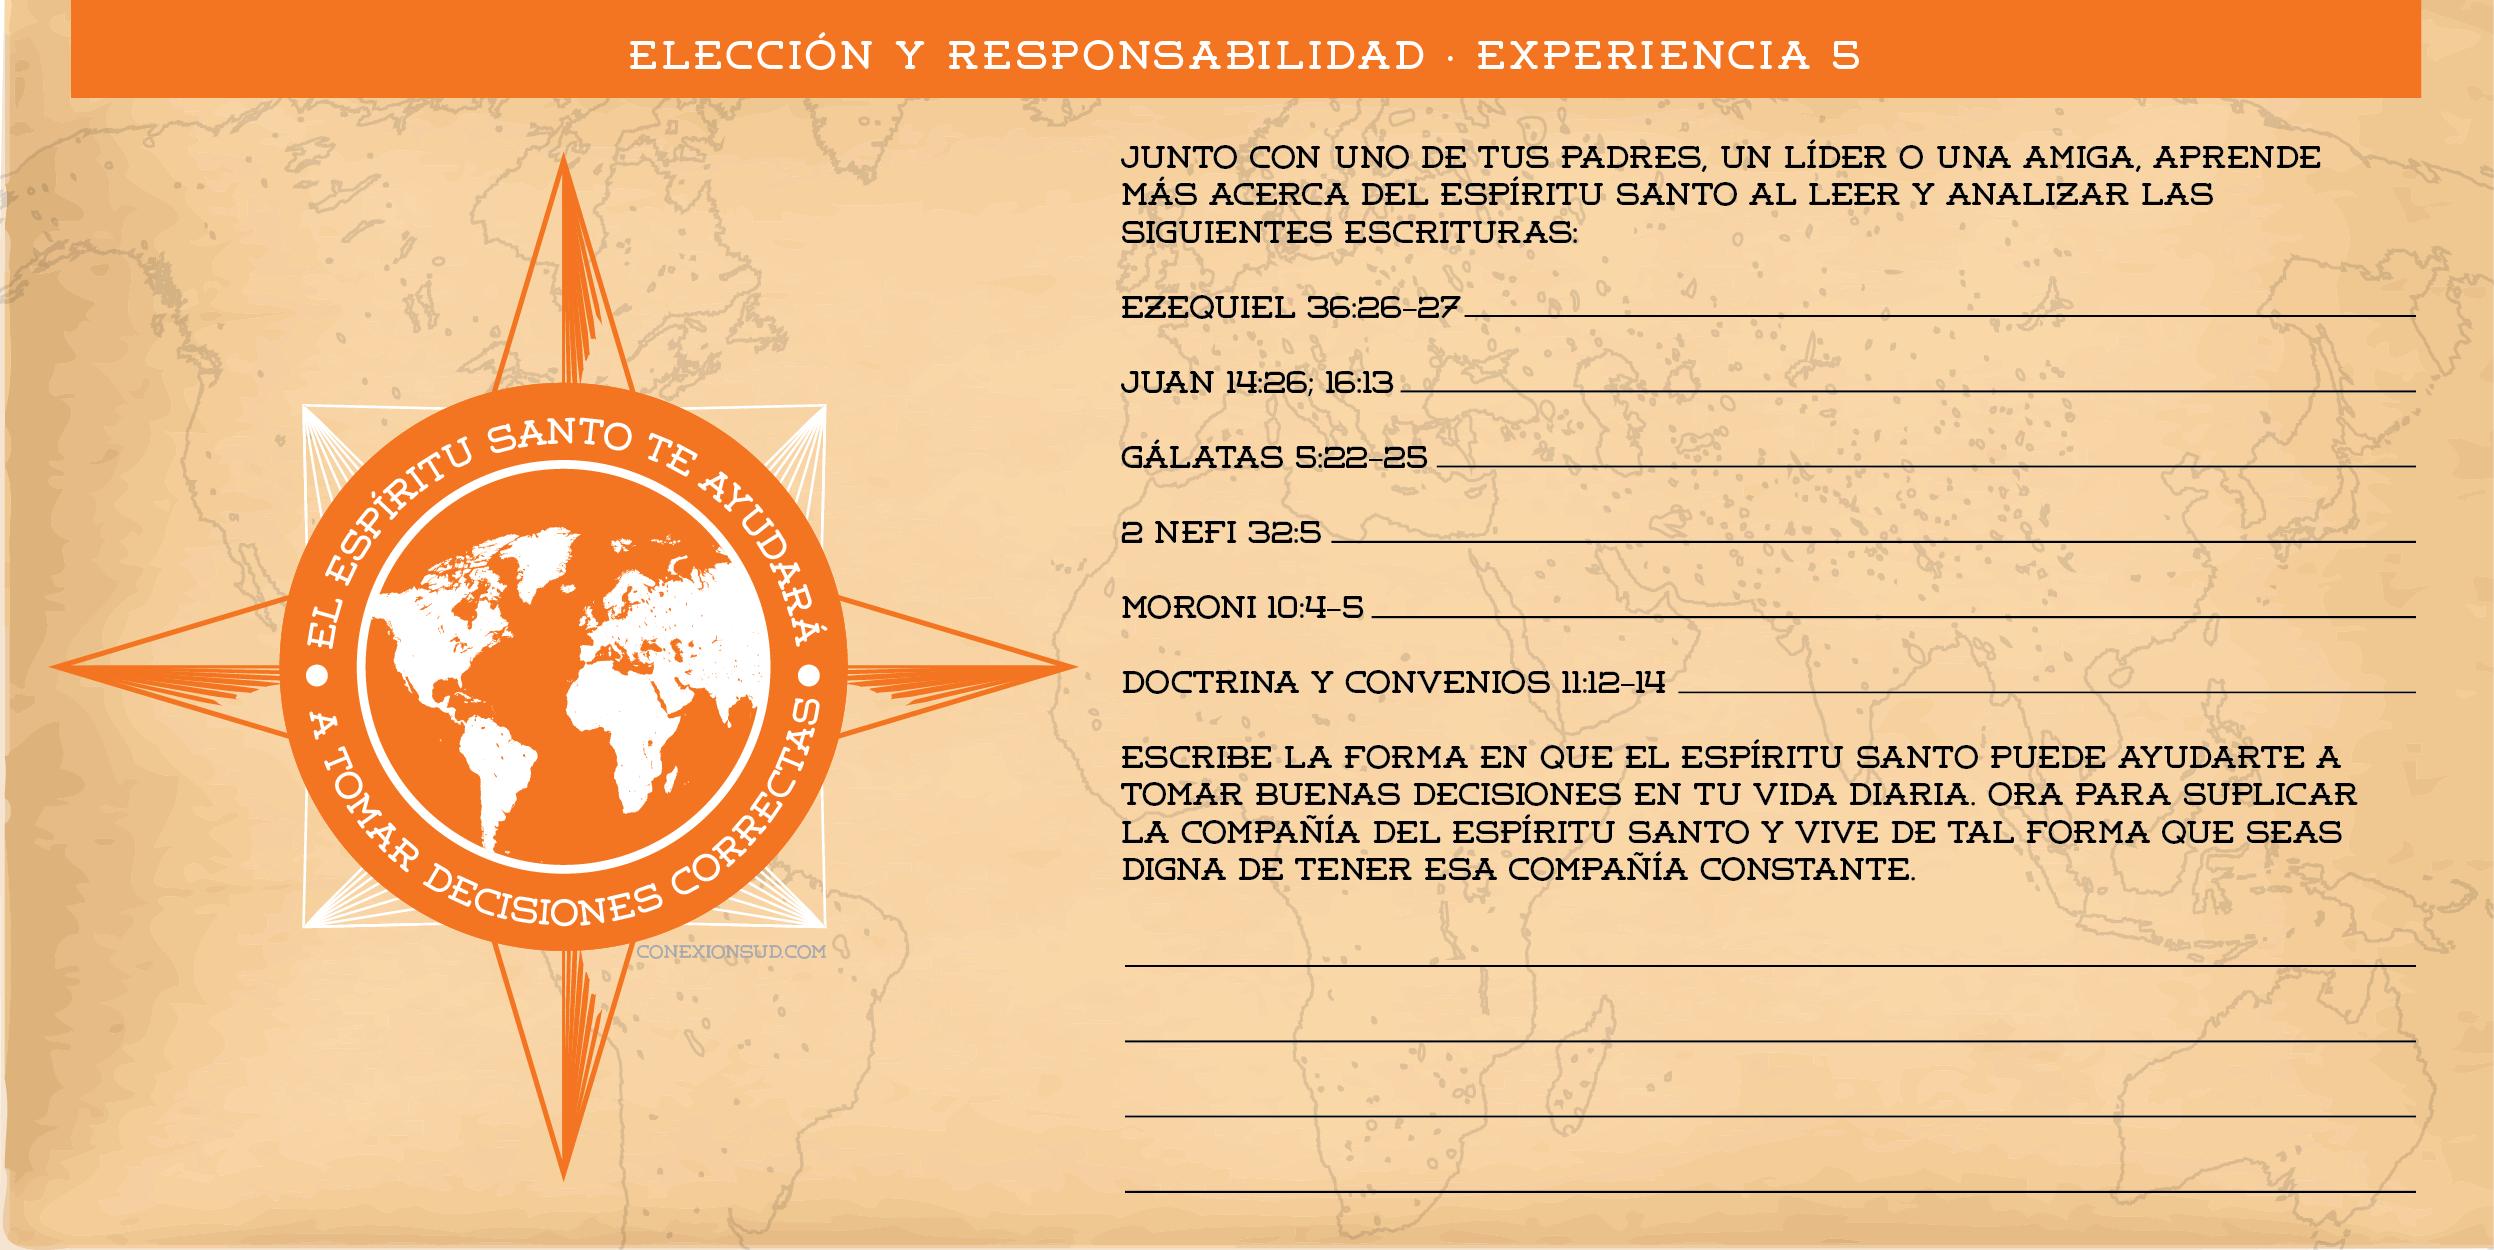 Cómo puedo recibir revelación personal - Ven Sígueme Mayo - Conexión SUD - Elección y responsabilidad 5